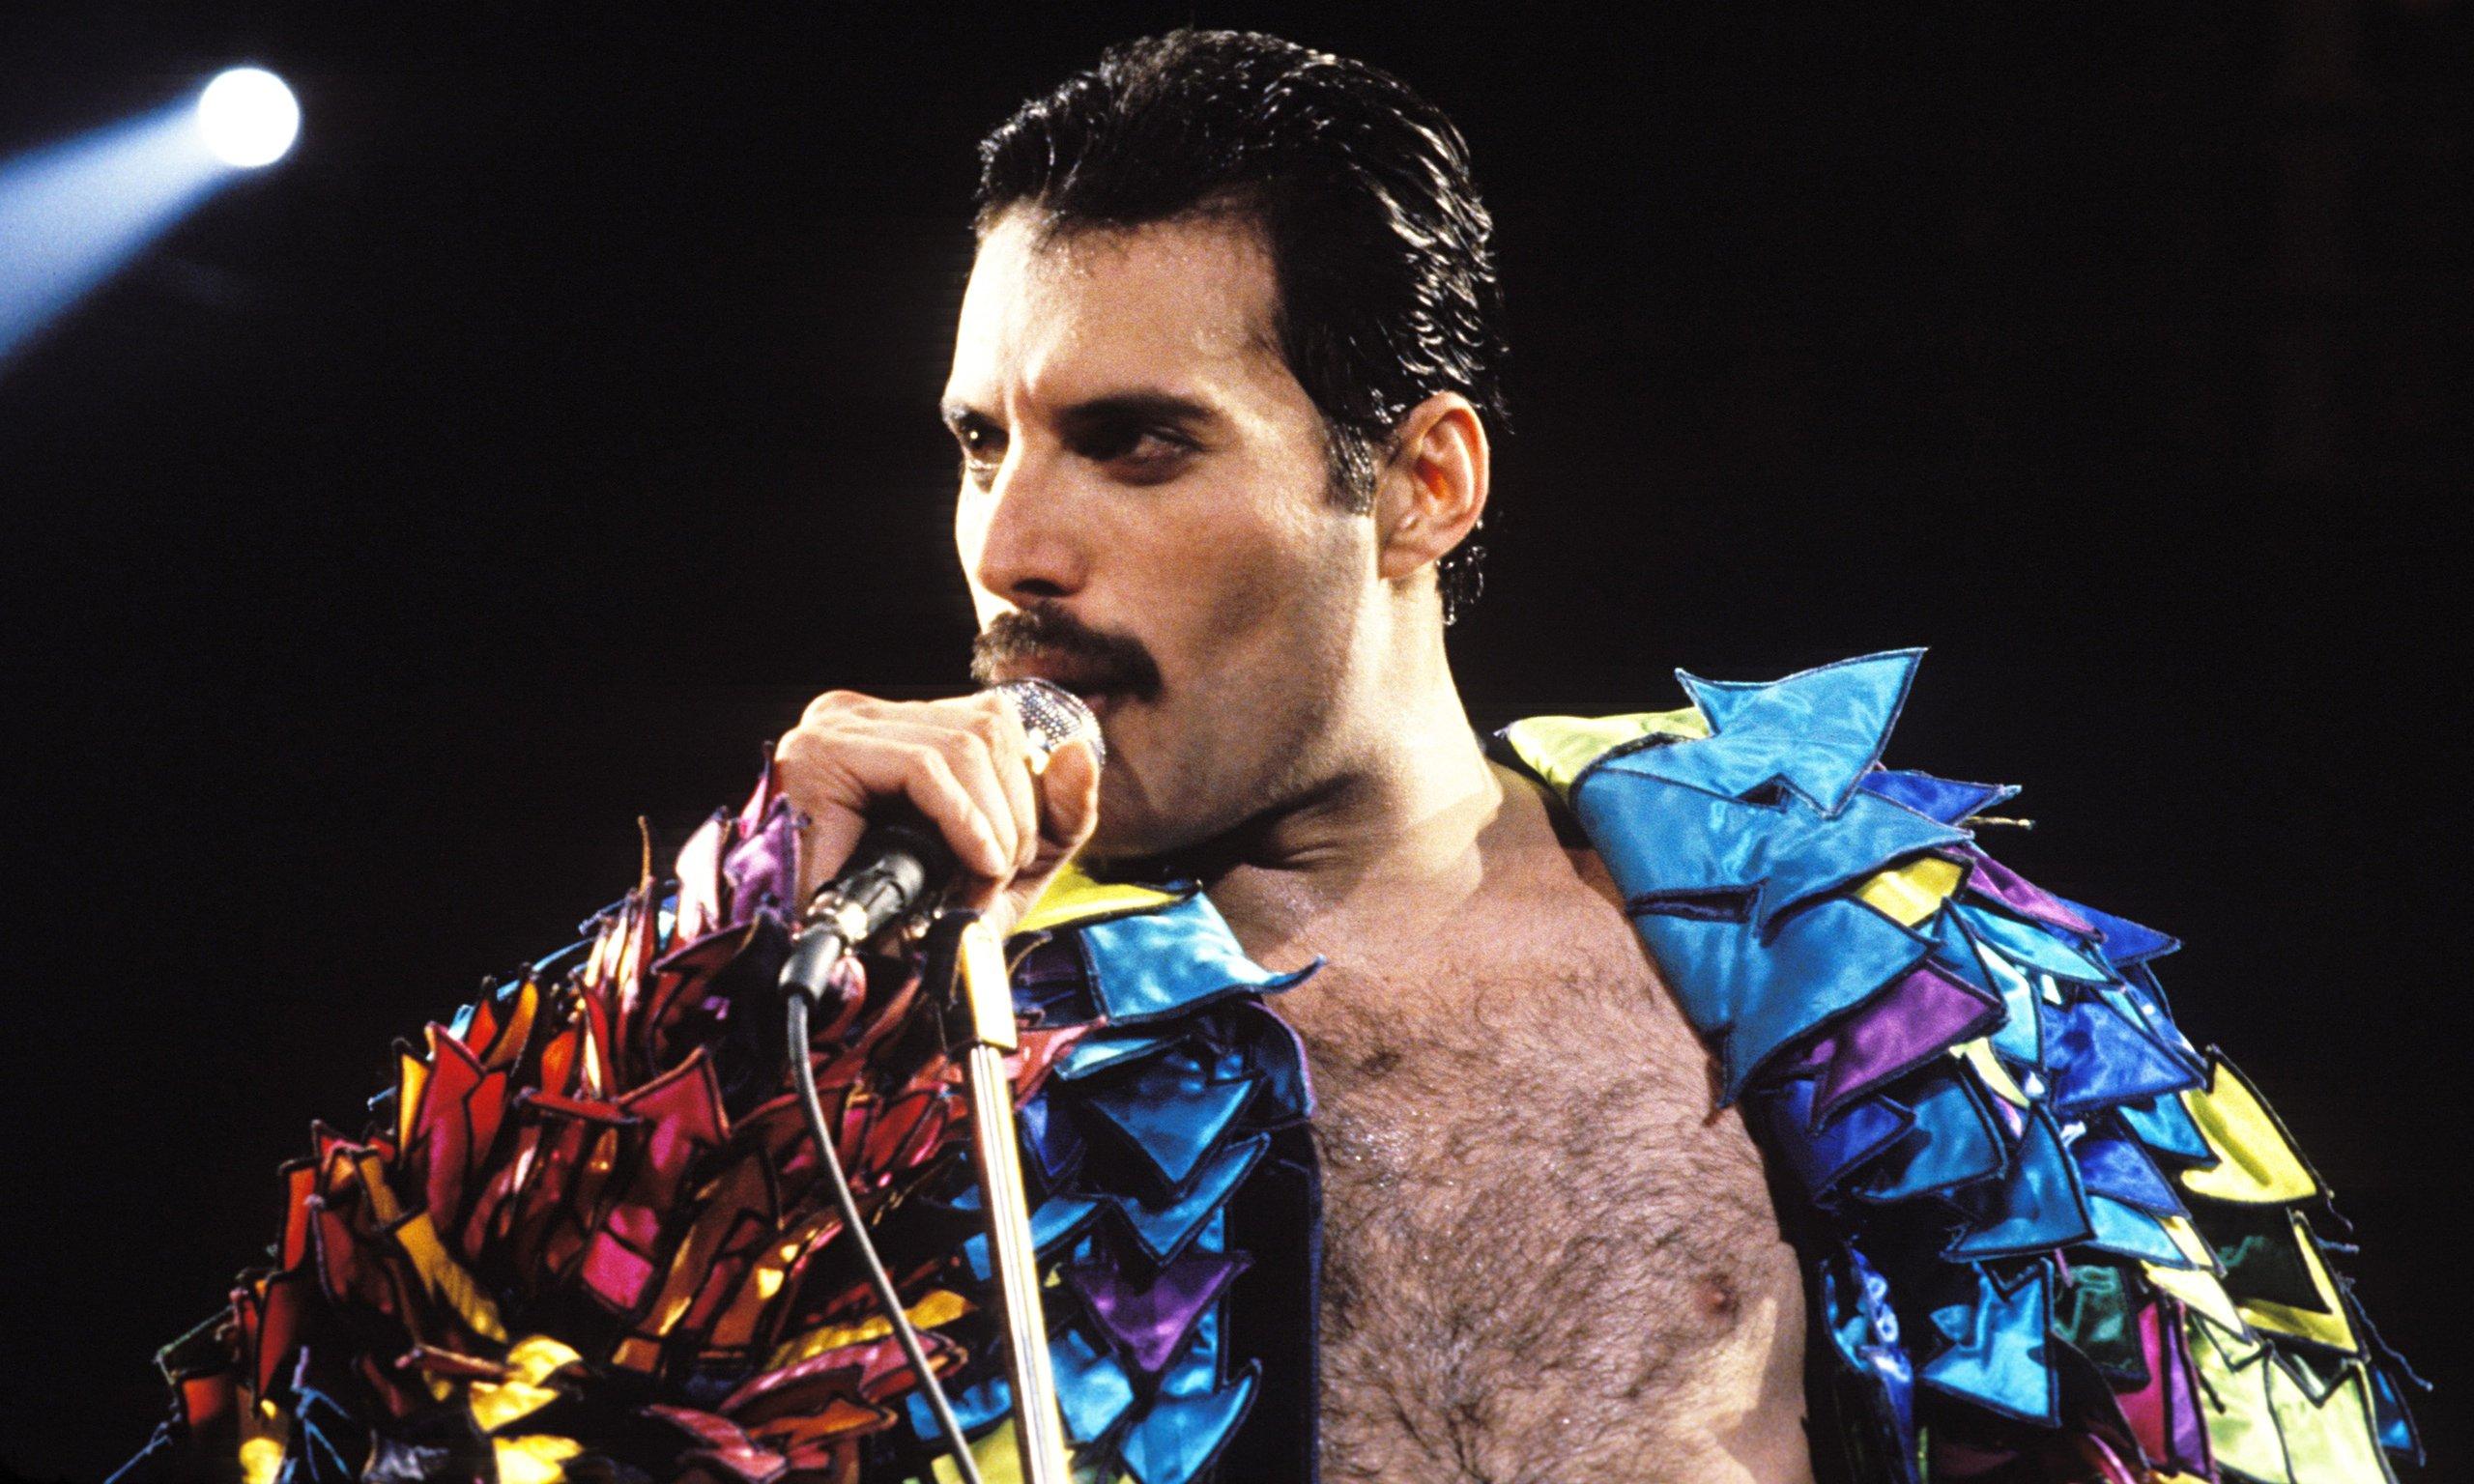 Por qué, según los científicos, la voz de Freddie Mercury era tan especial